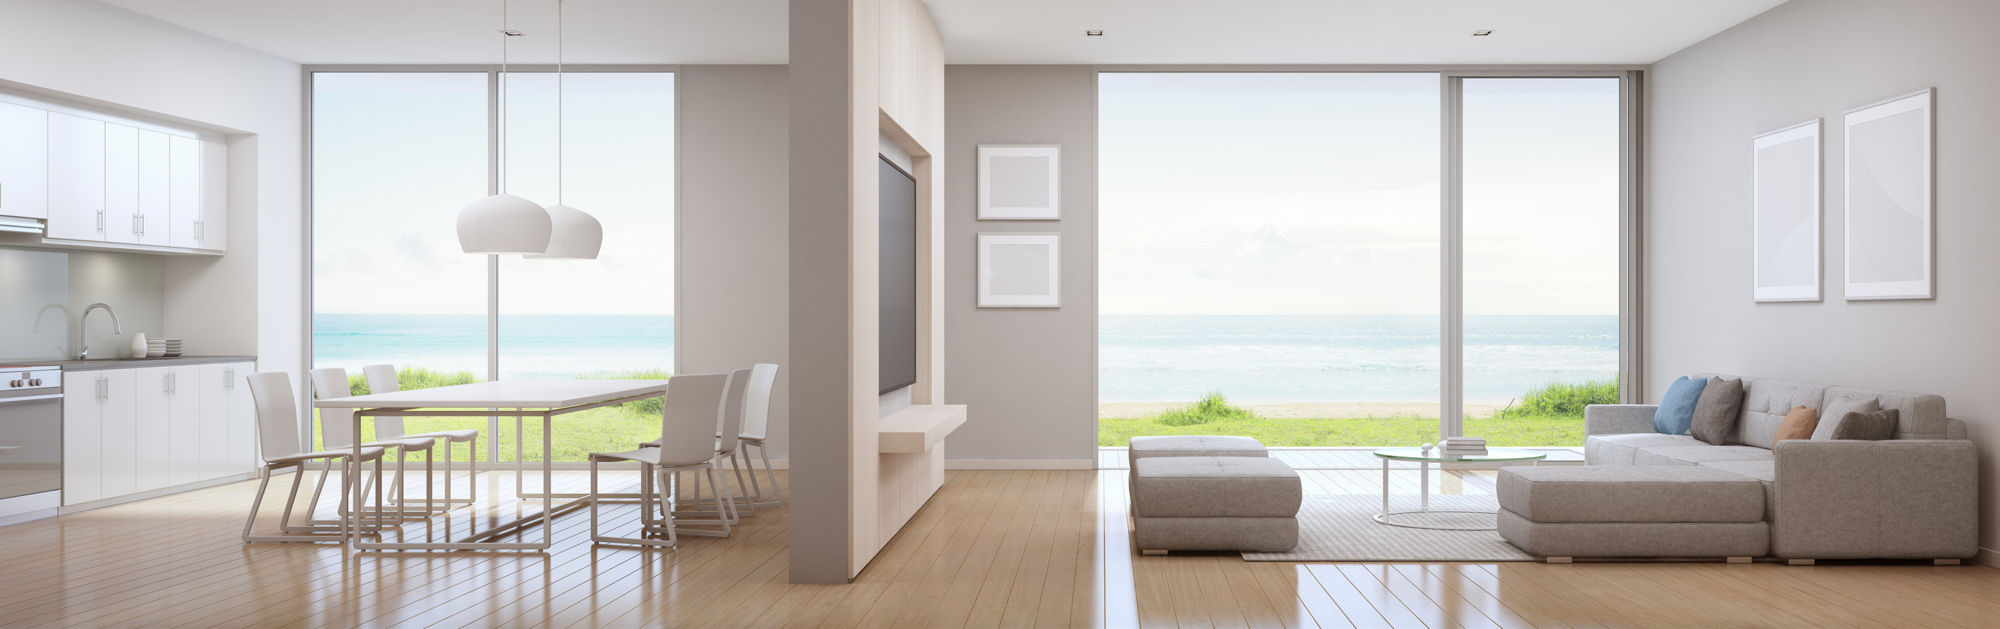 okna z ciepłą ramką - stolmar okna i drzwi